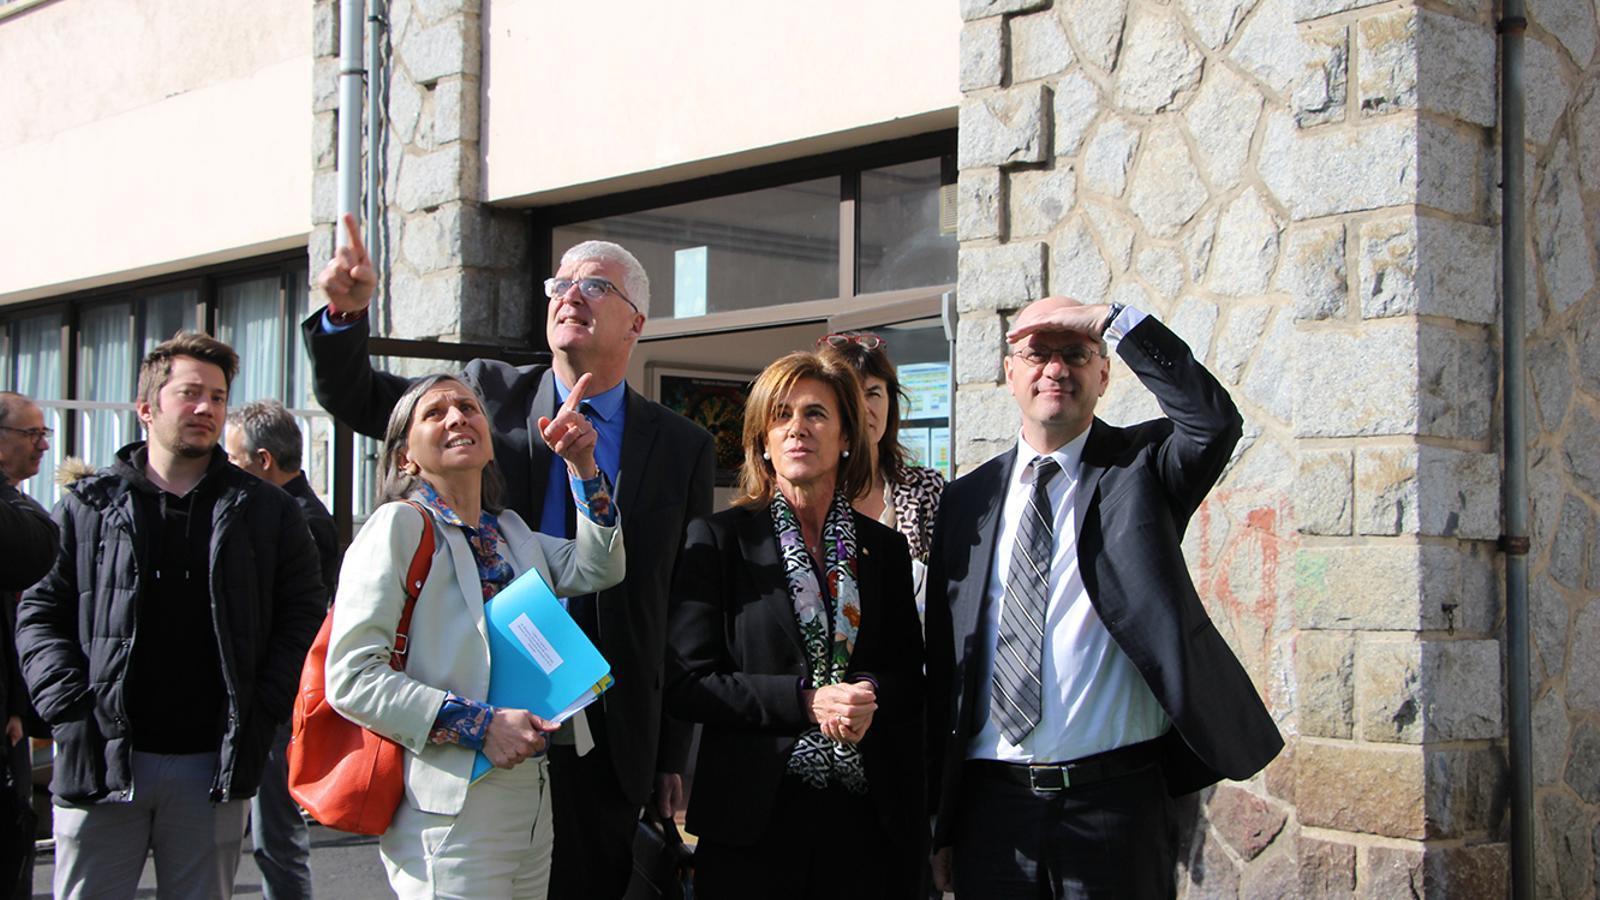 El ministre d'Educació nacional i de la Joventut francès, Jean-Michel Blanquer, durant la seva visita a l'escola francesa de Ciutat de Valls. / M. F. (ANA)